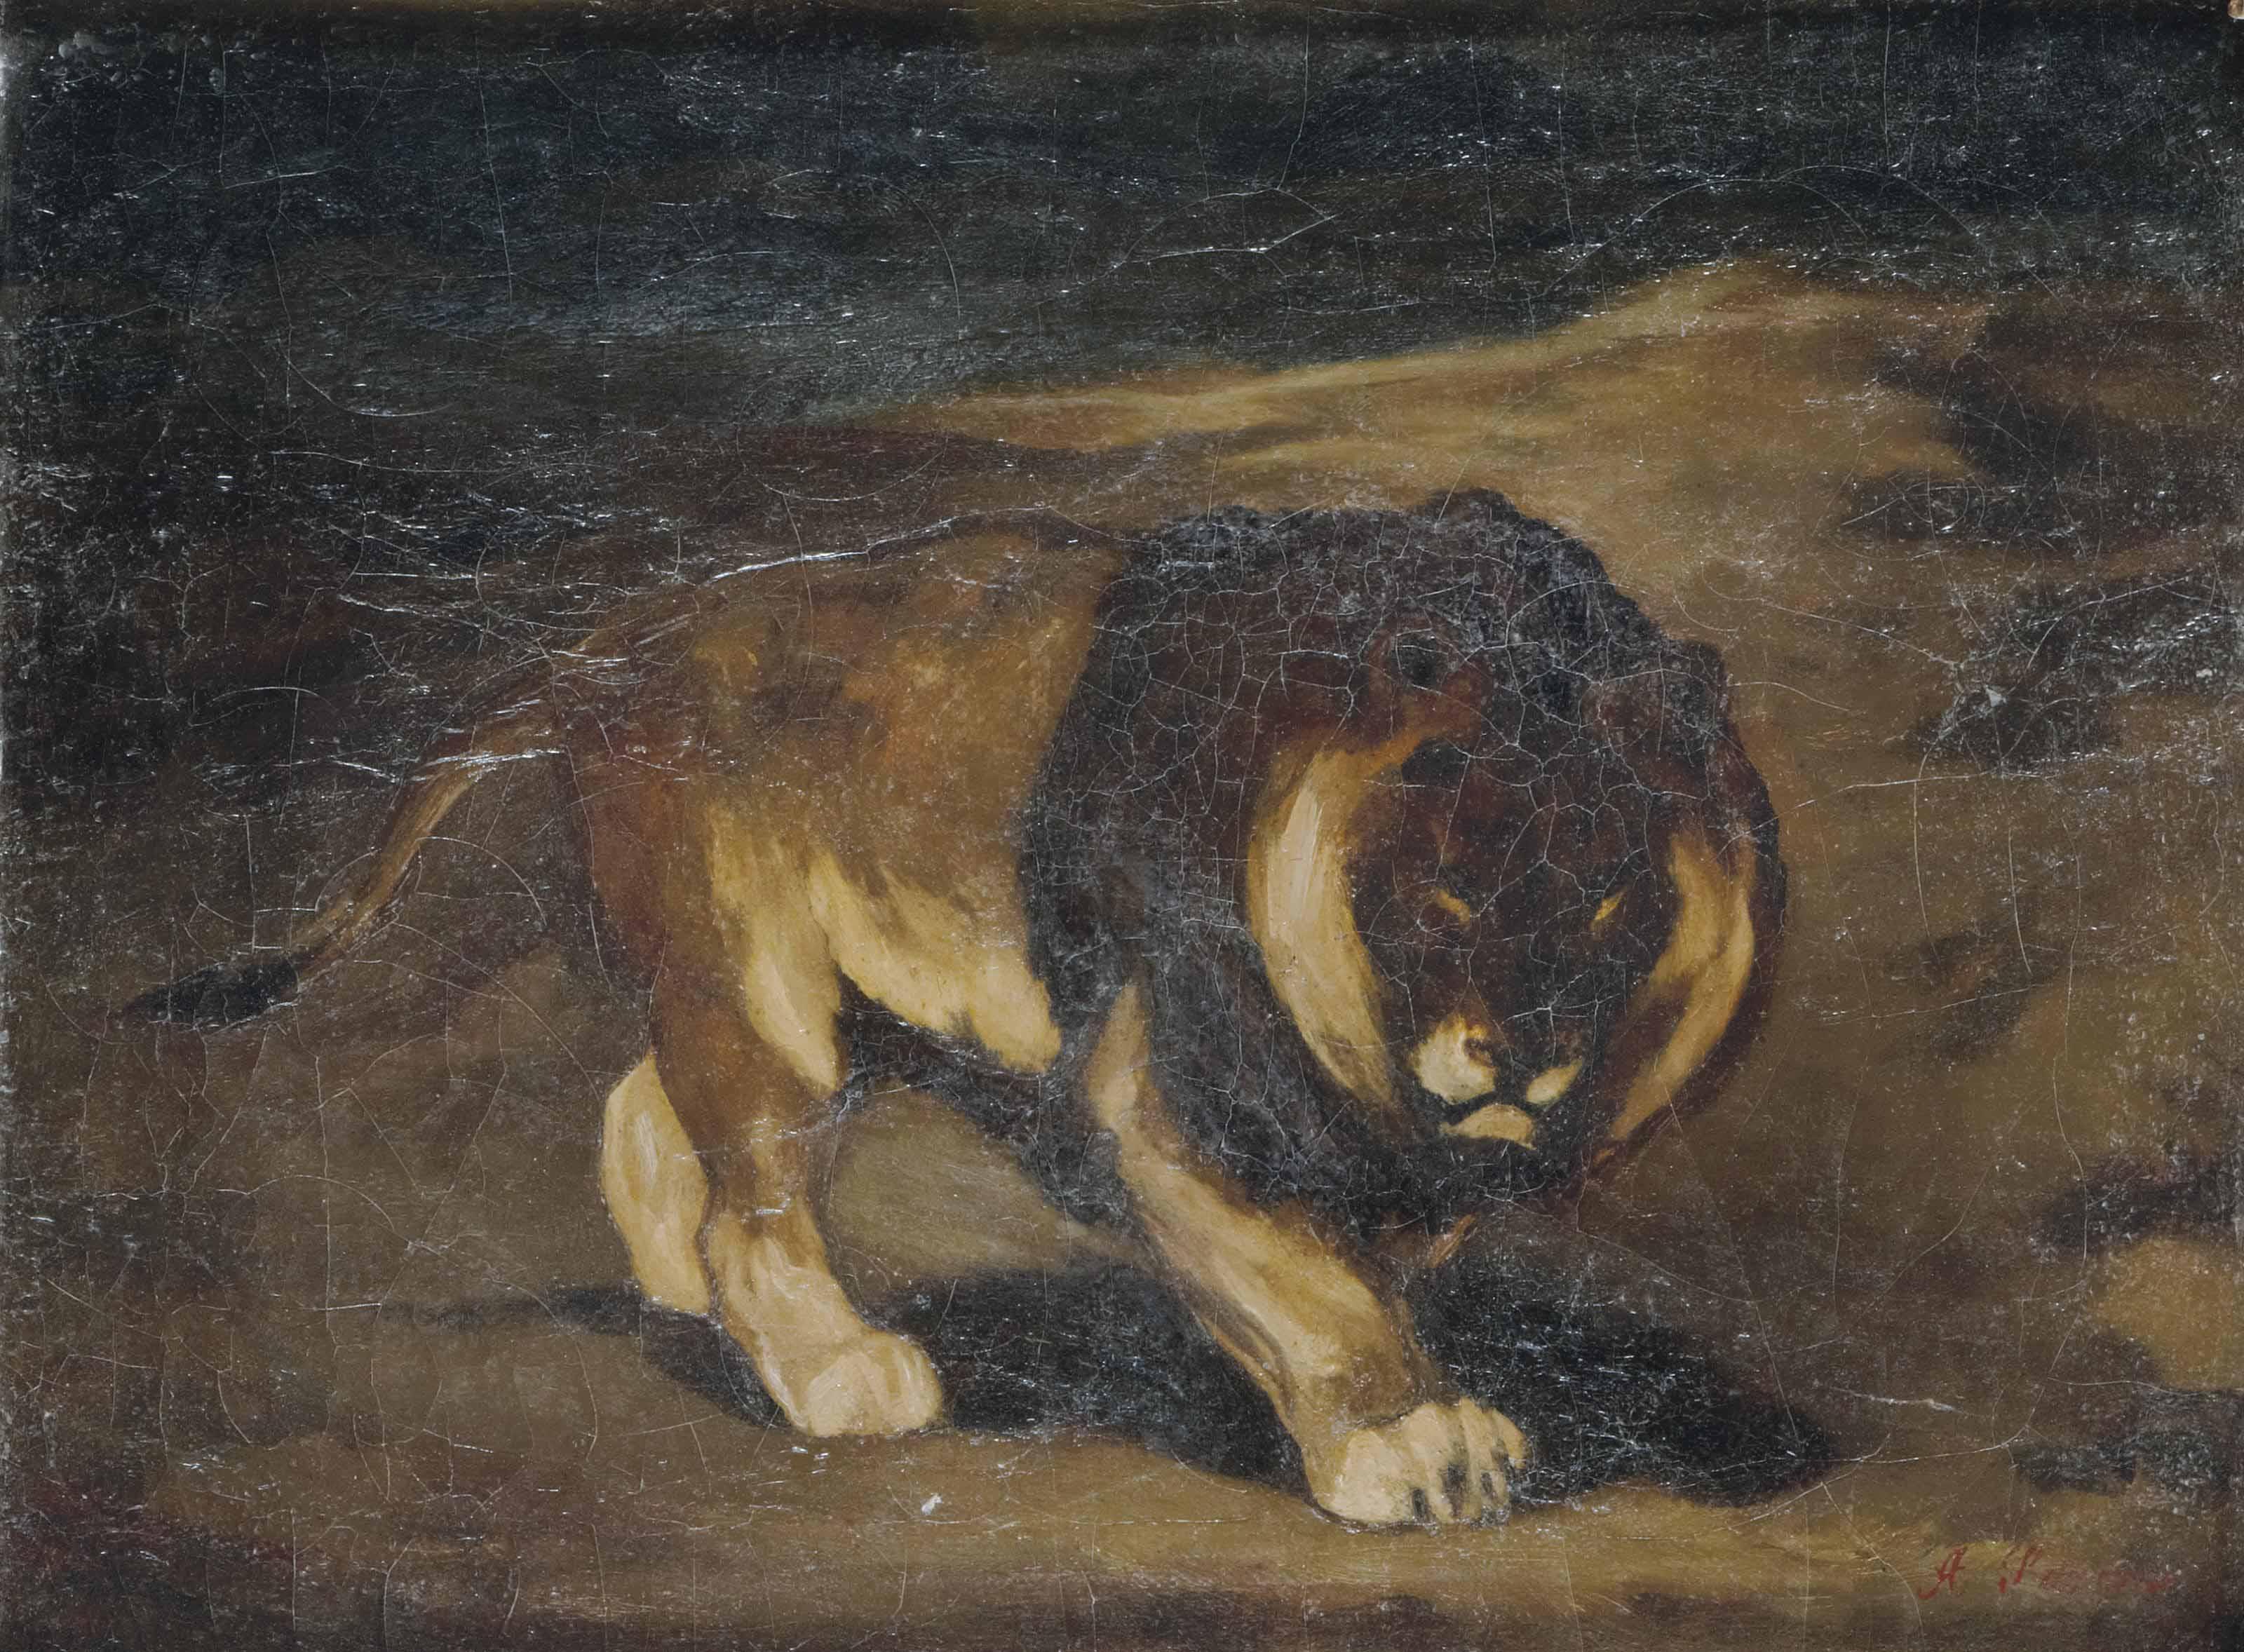 Le lion du Cap à crinière noire